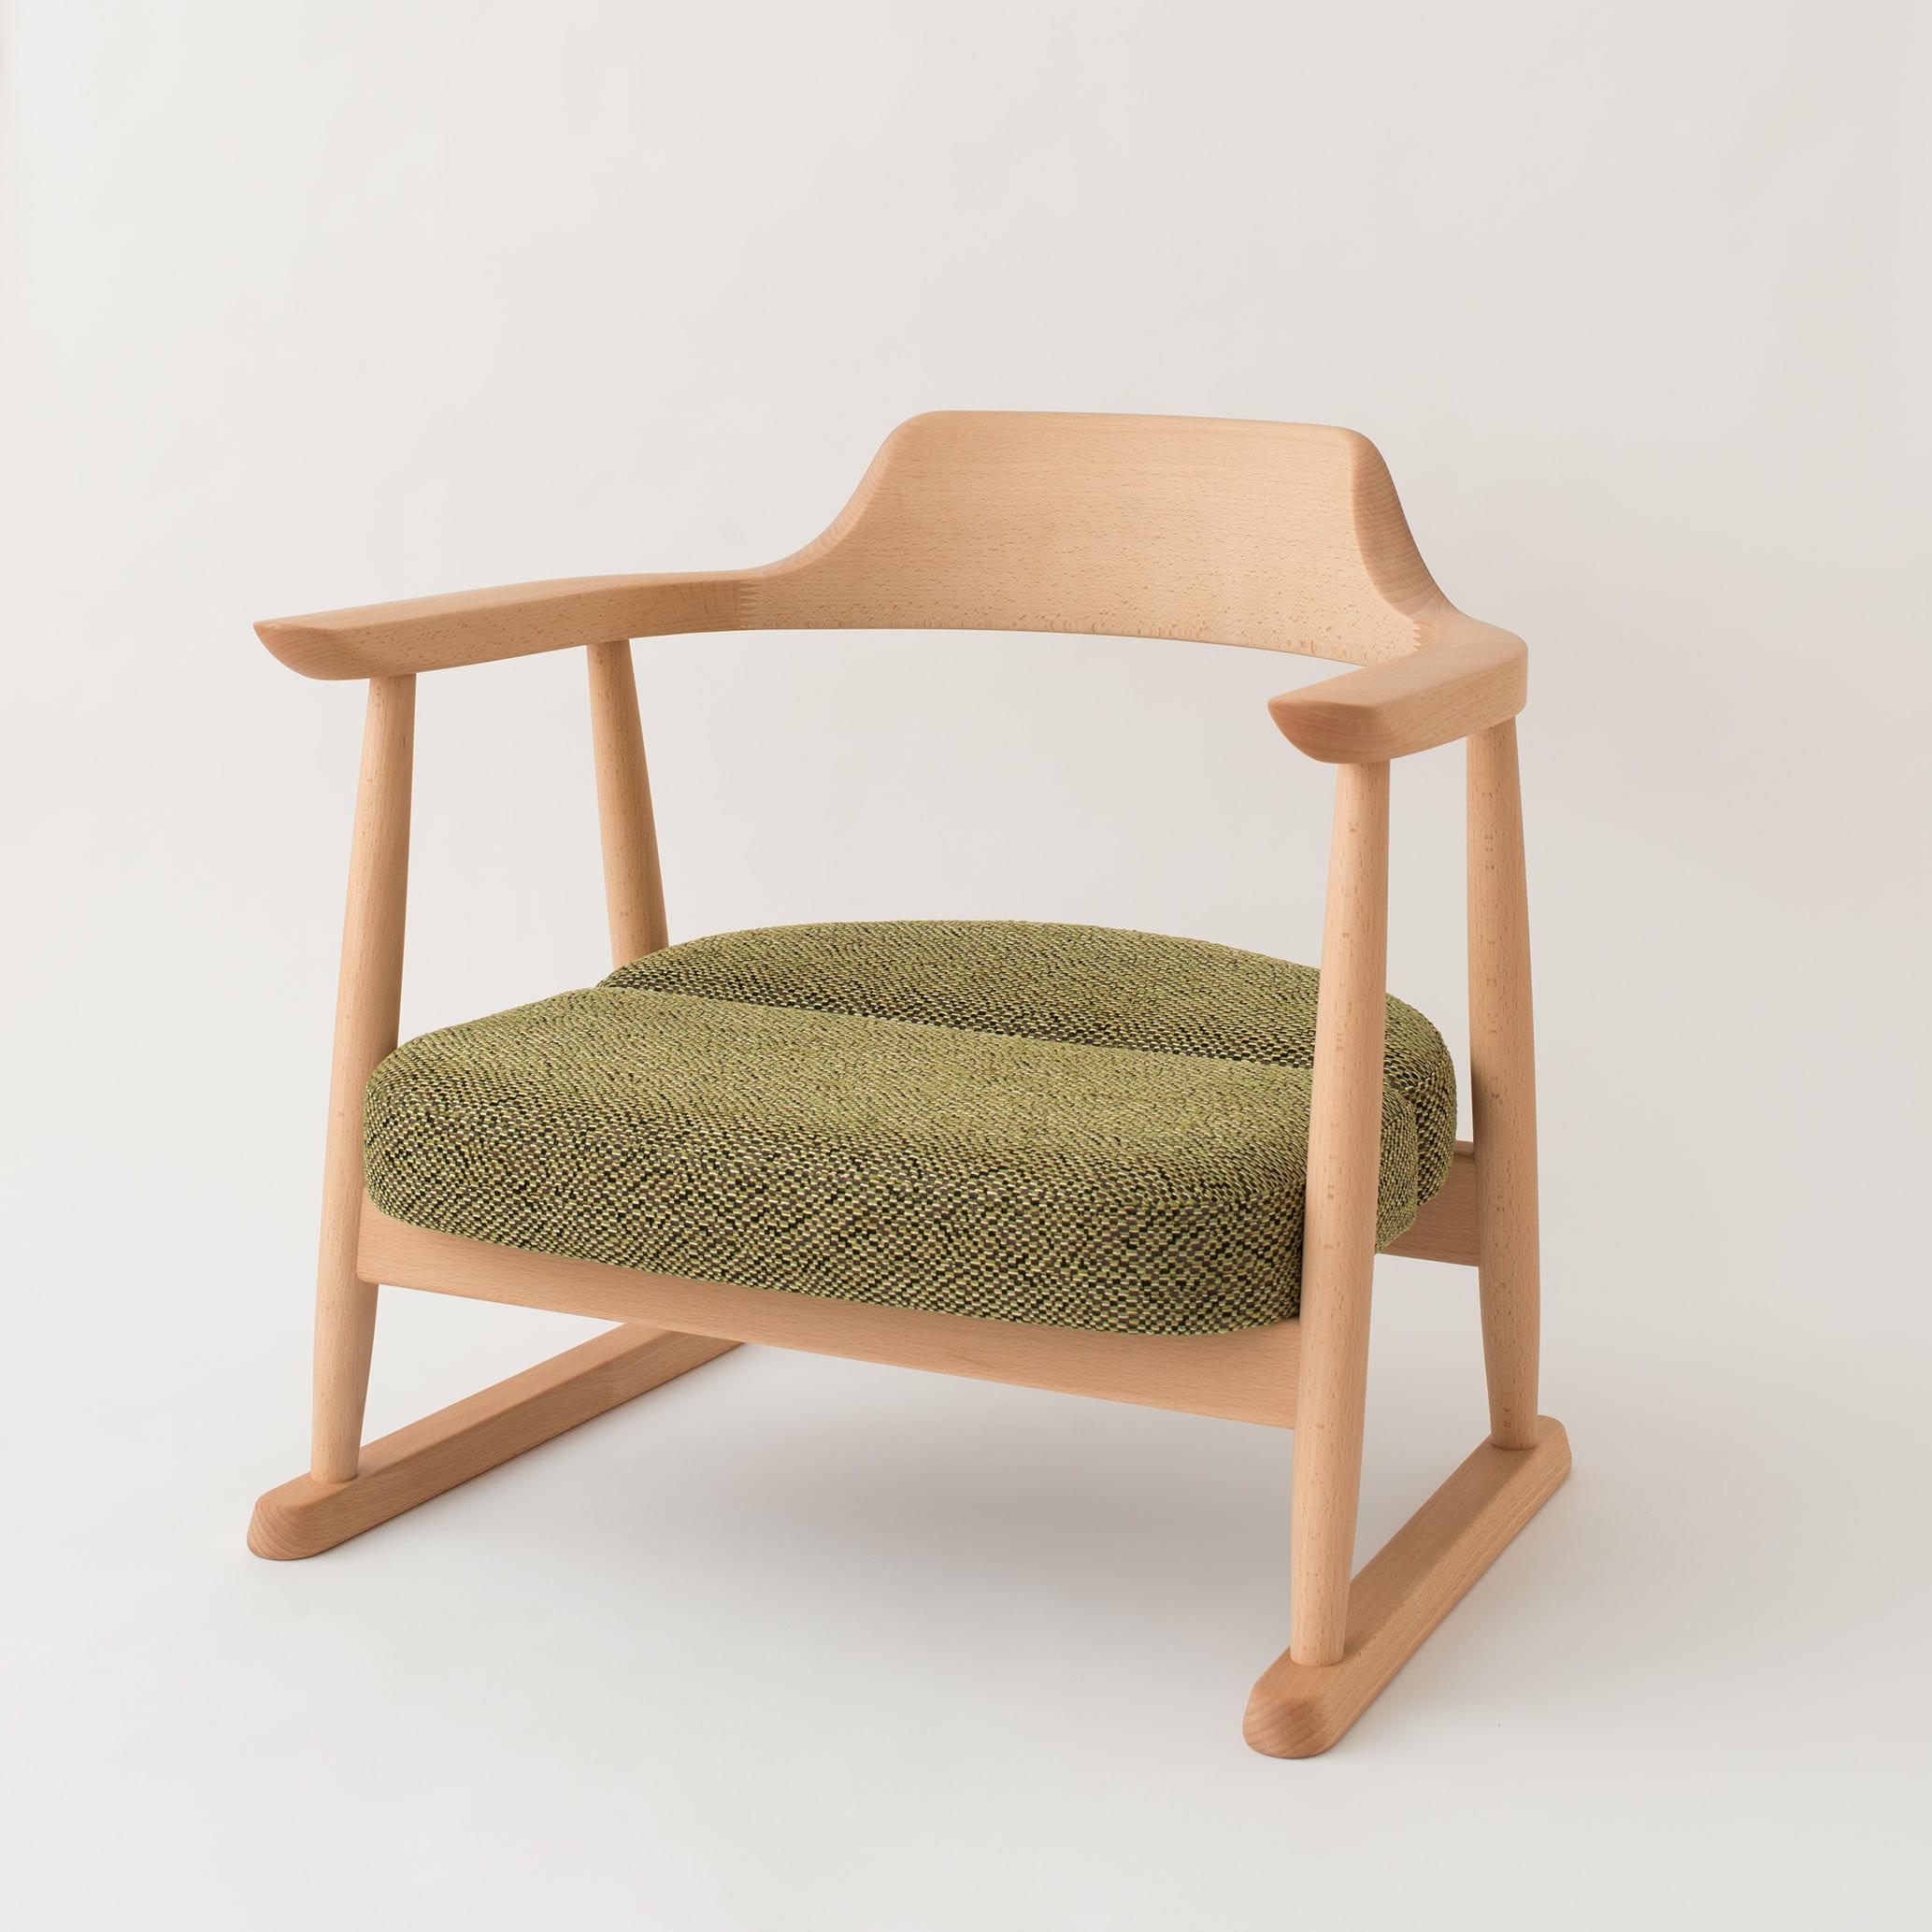 【ネット限定】座椅子 低座 SD245AB Cランク:創業100年飛騨産業の座椅子